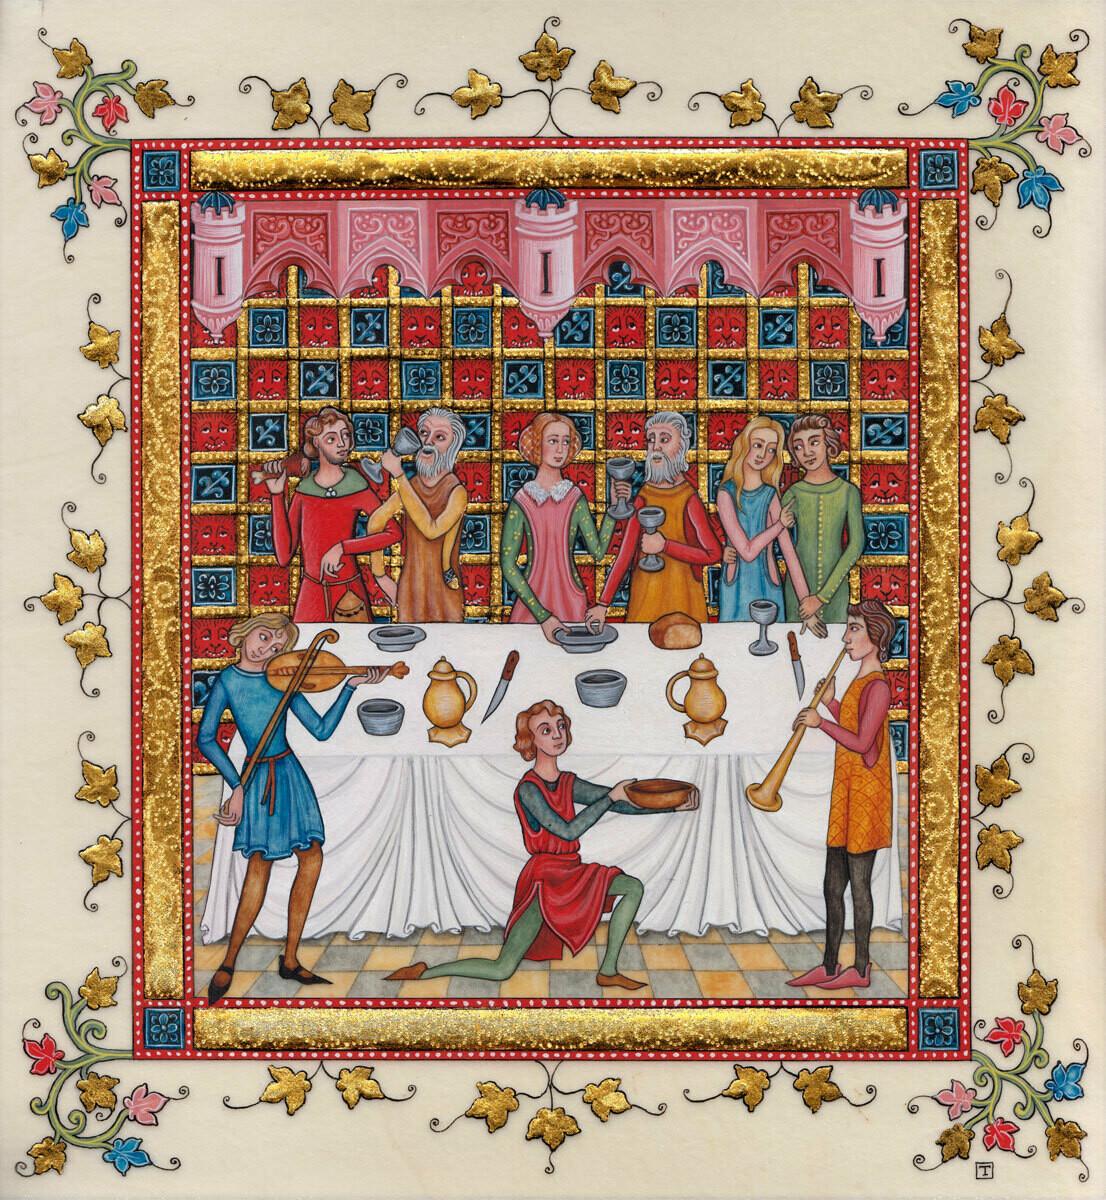 Gothic banquet